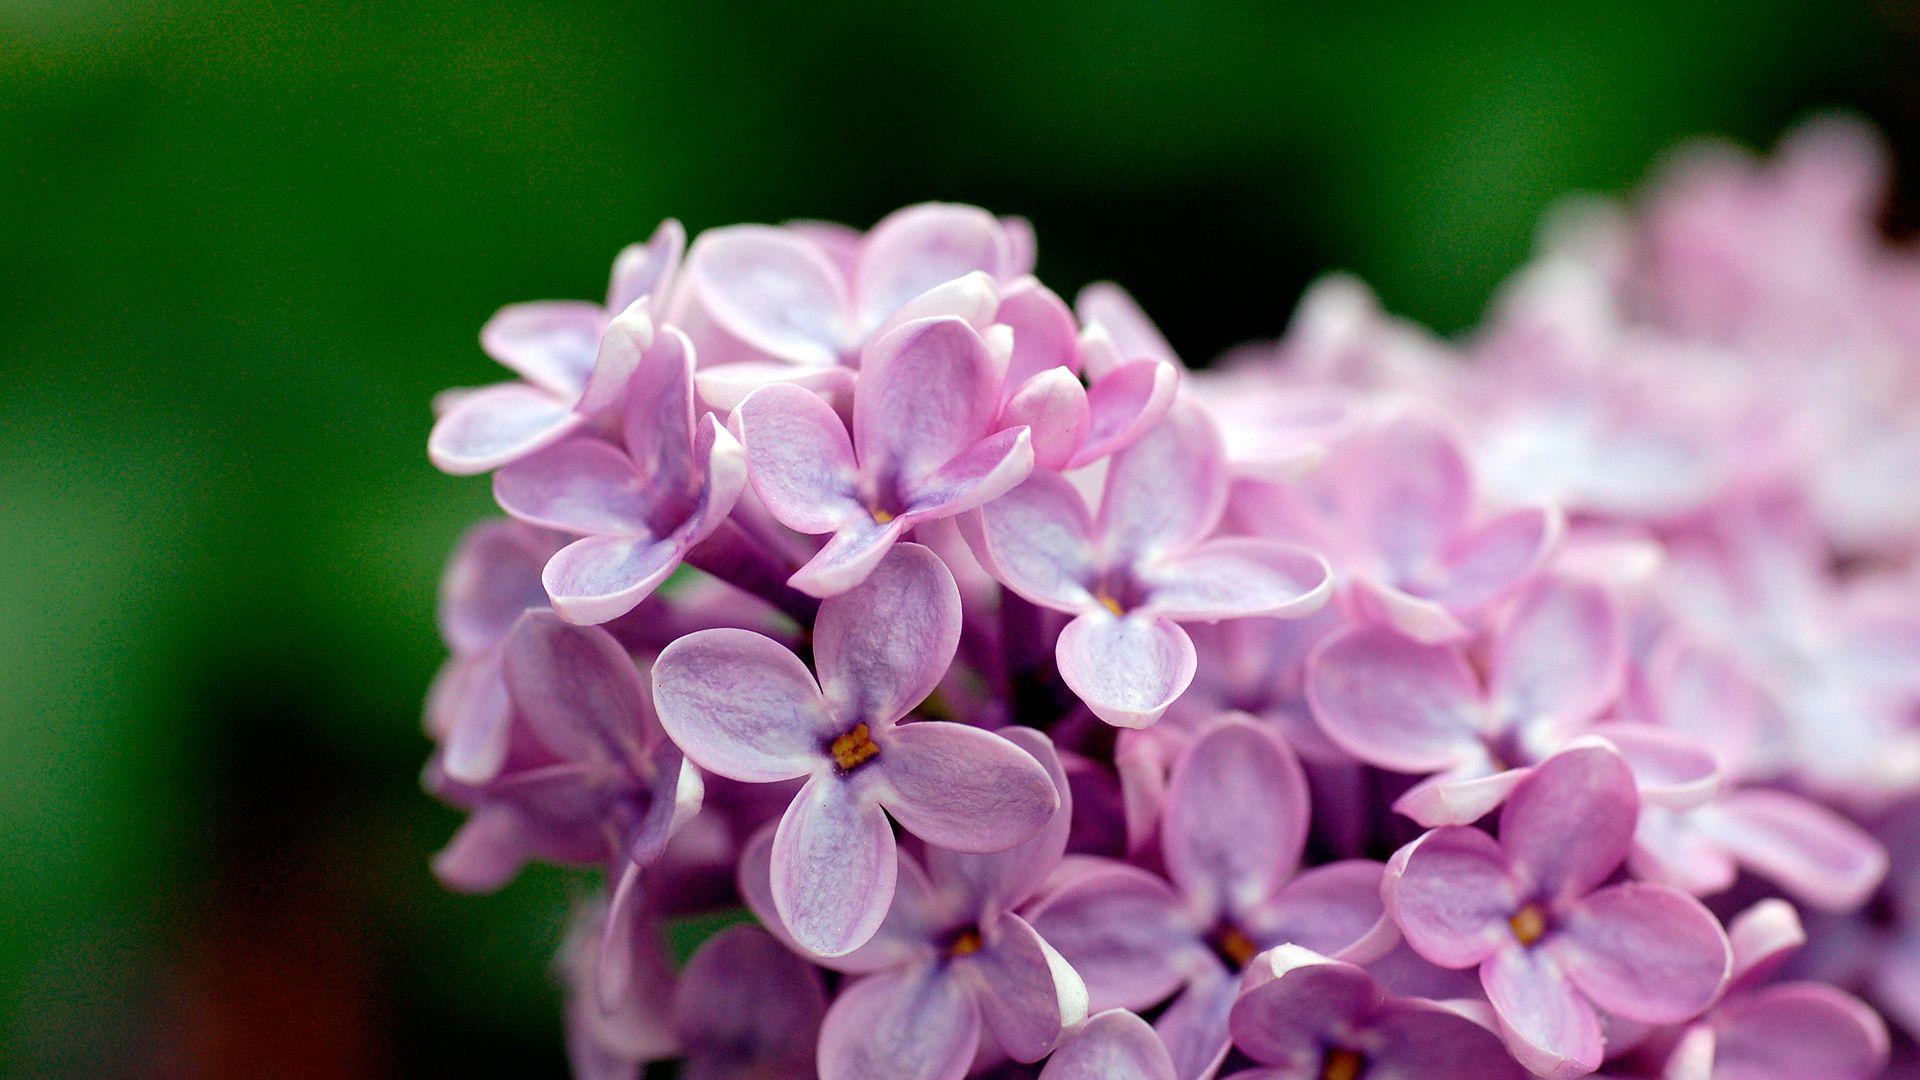 Lilac Free Desktop Wallpaper